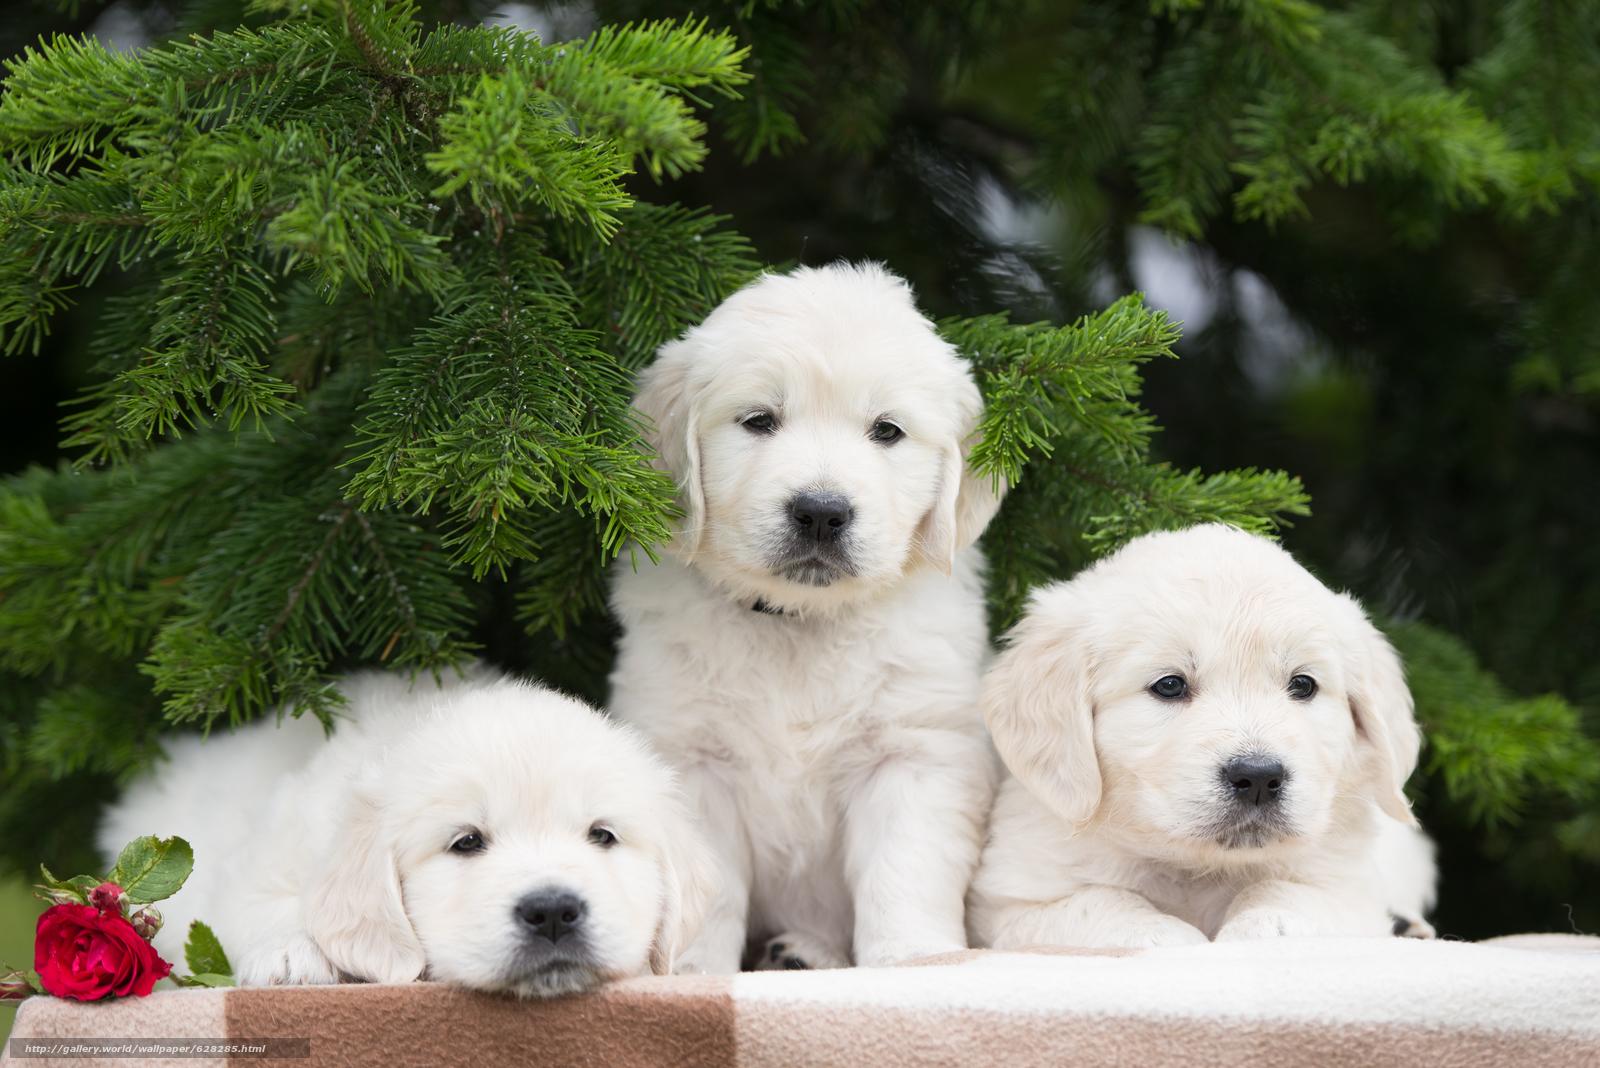 собаки, щенки, трио, троица, цветок, роза, еловые ветки